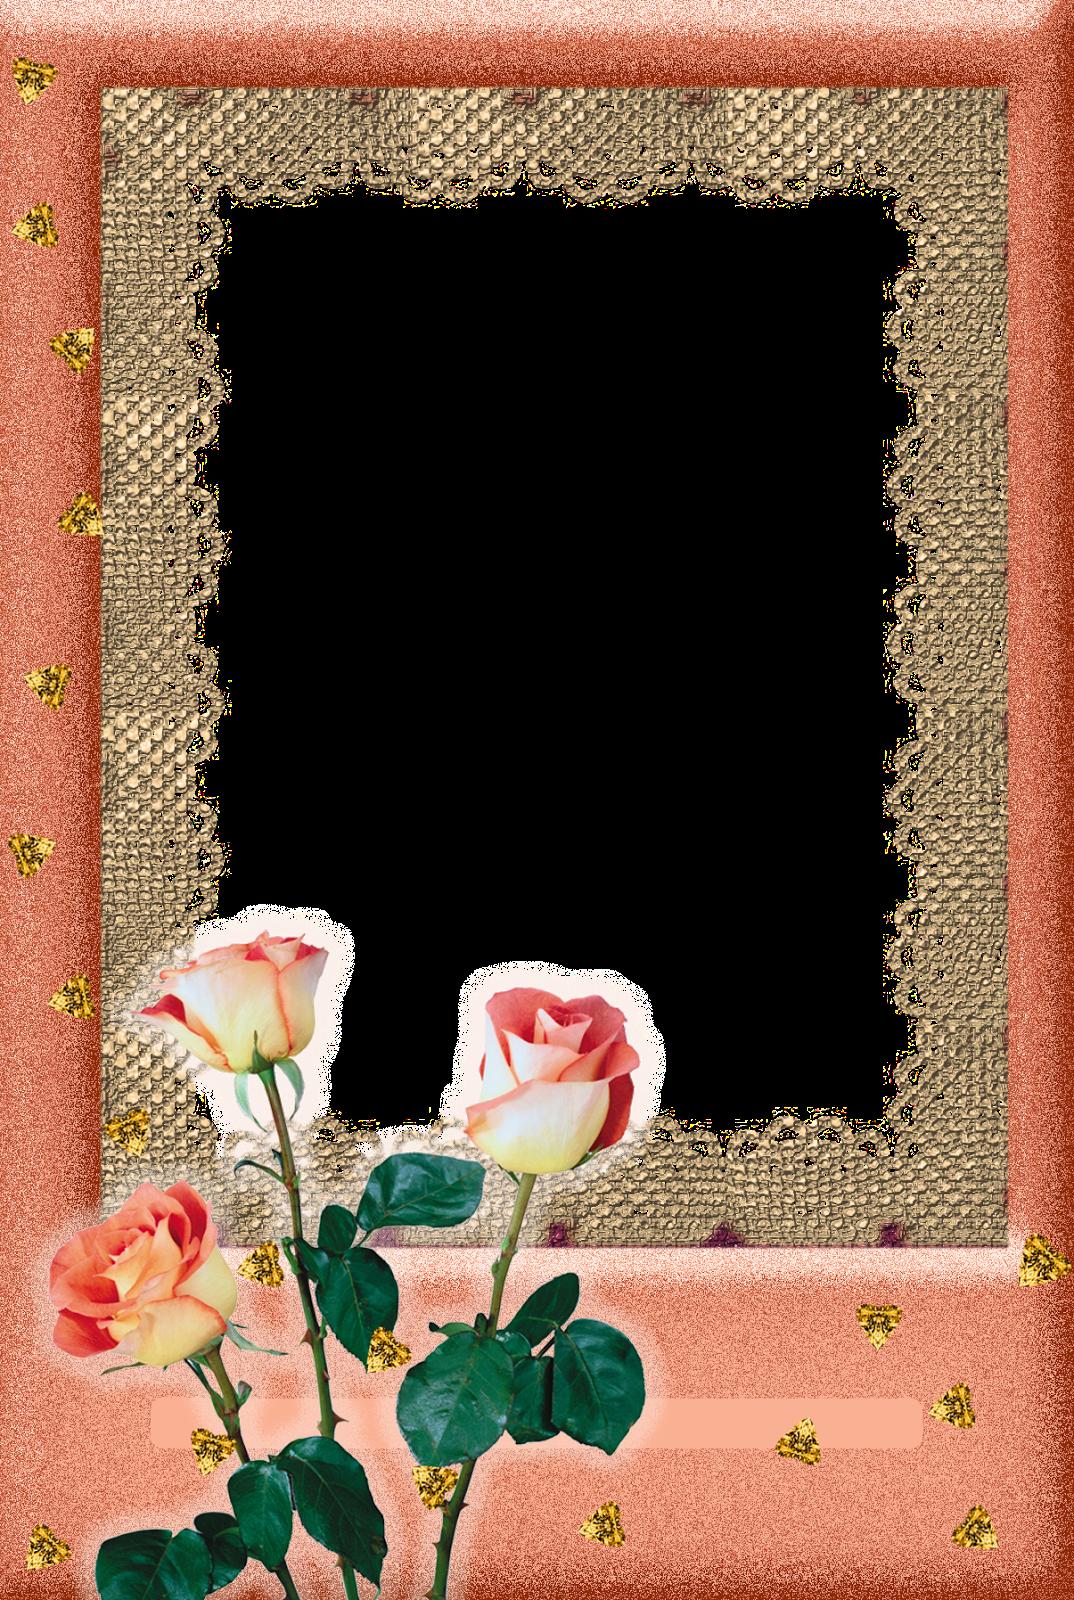 frame 3 frame 4